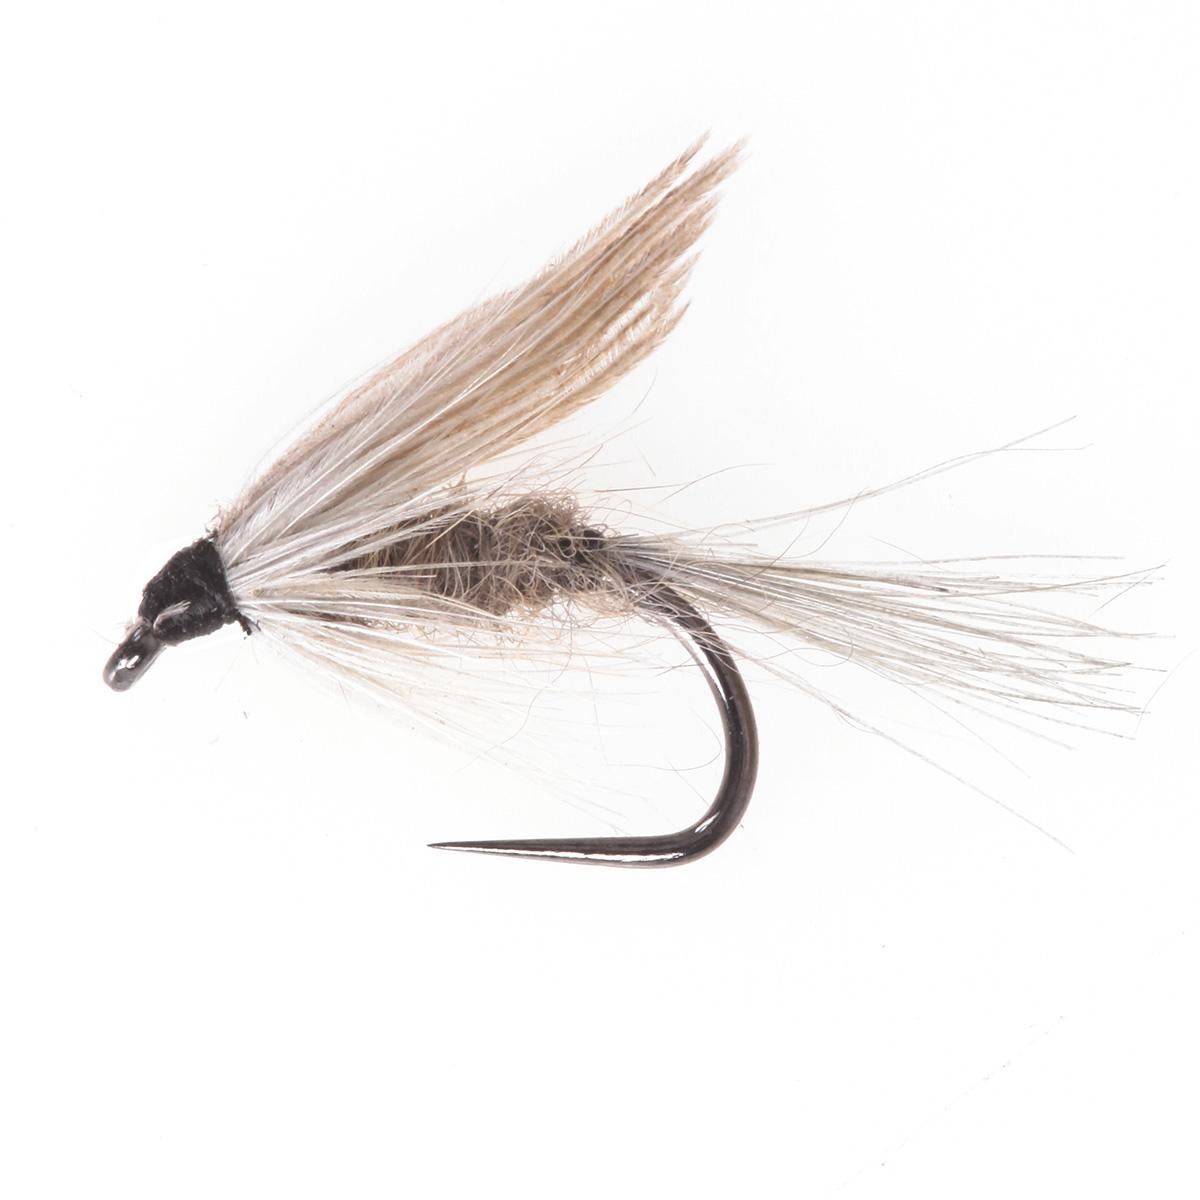 Blue dun fishing wet flies taimen for Wet fly fishing